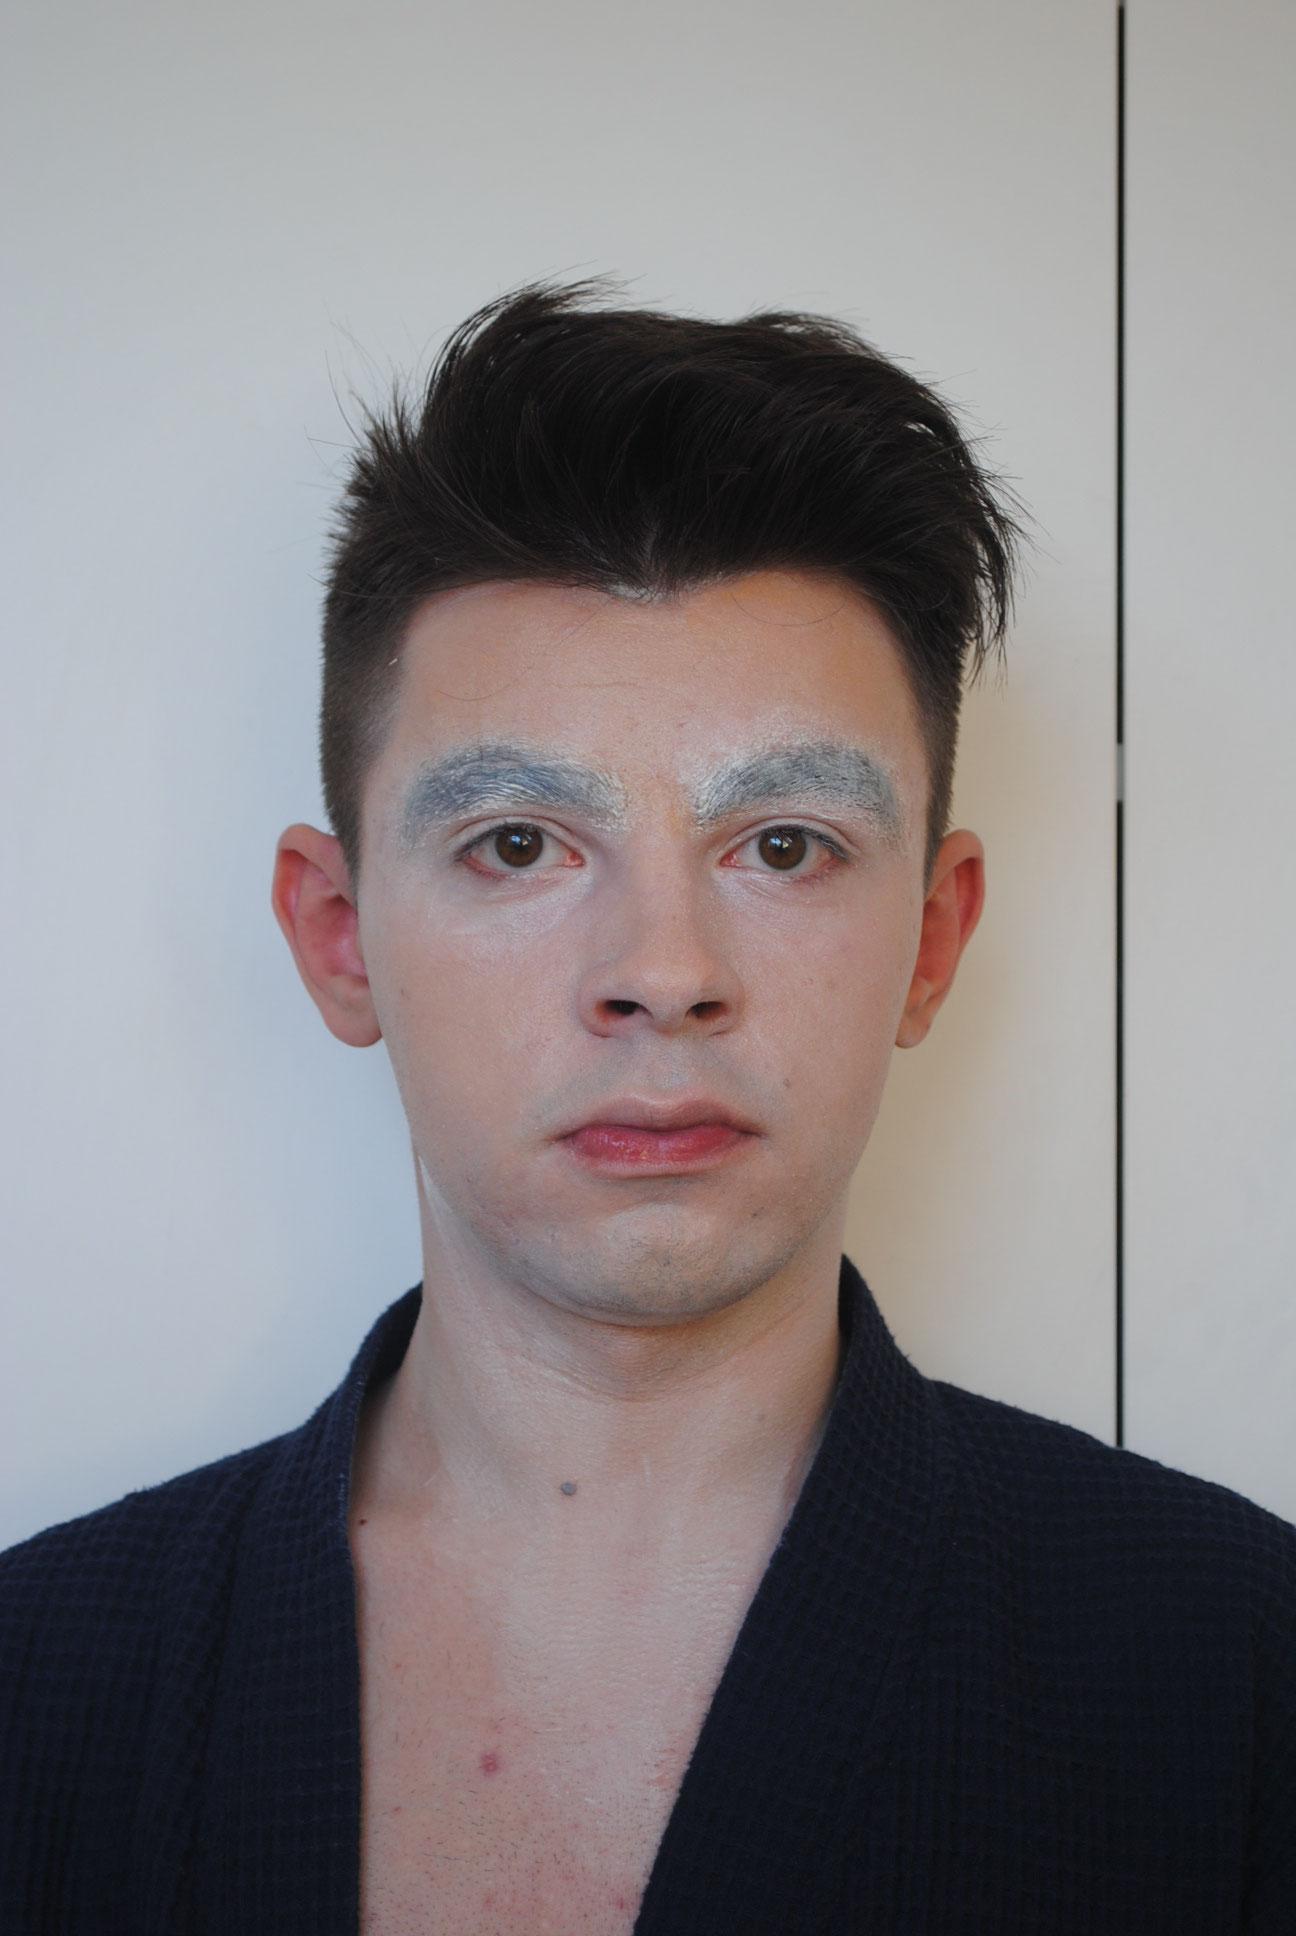 Schritt 2: Bedecke dein Gesicht mit weißer Gesichtsfarbe oder einer hellen Foundation.